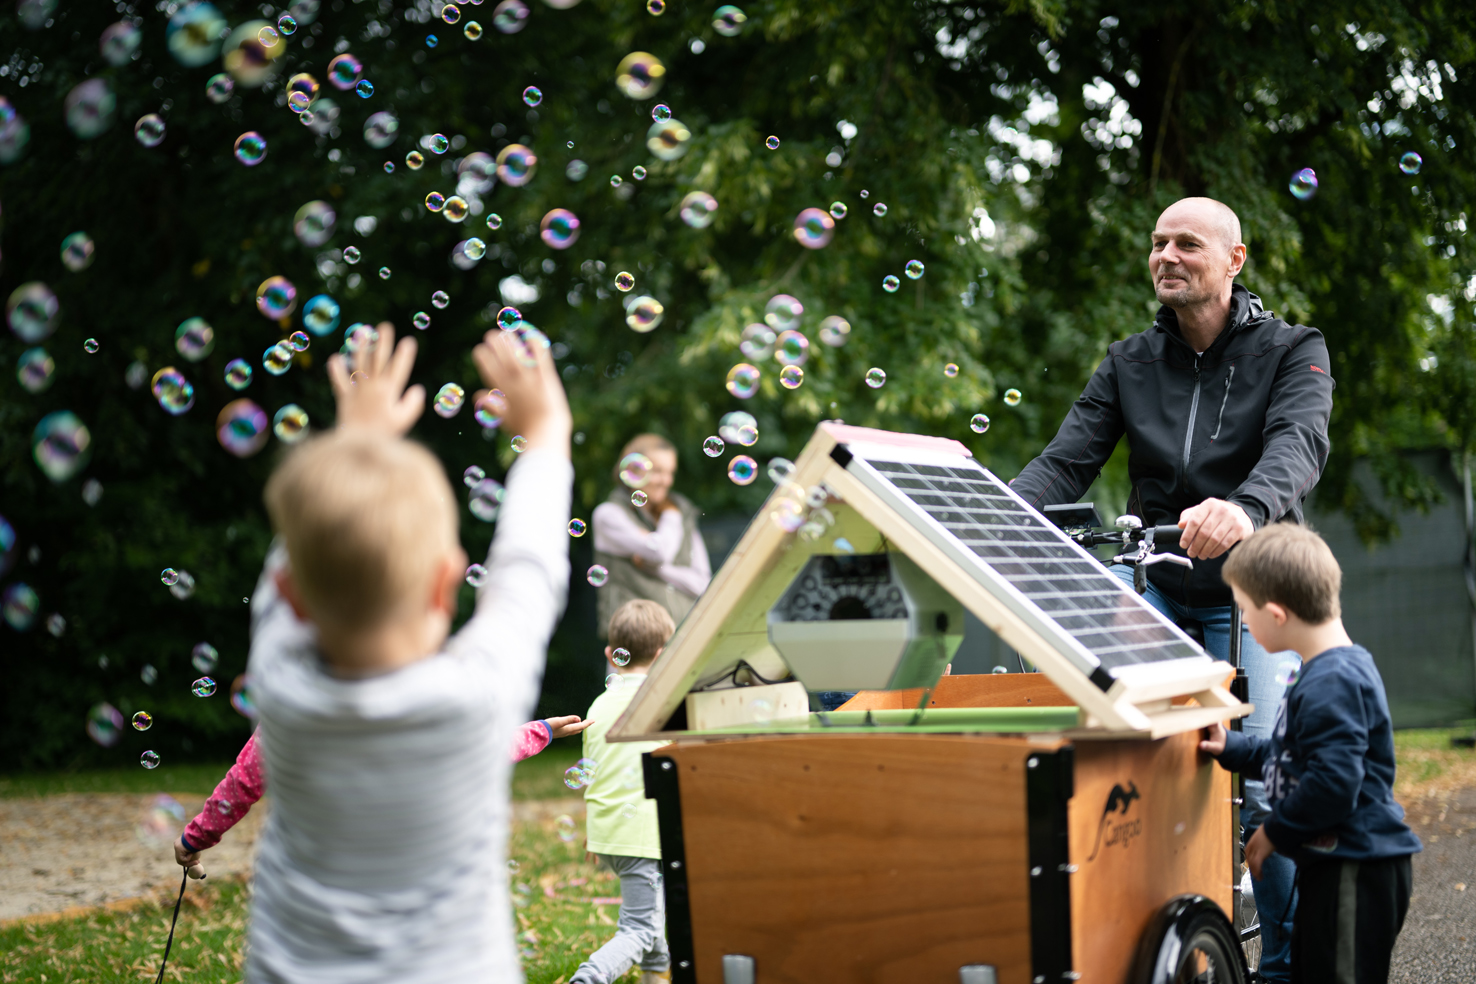 Die Photovoltaik-Seifenblasmaschine war eine Attraktion beim Picknick an der Vöckla der Grünen